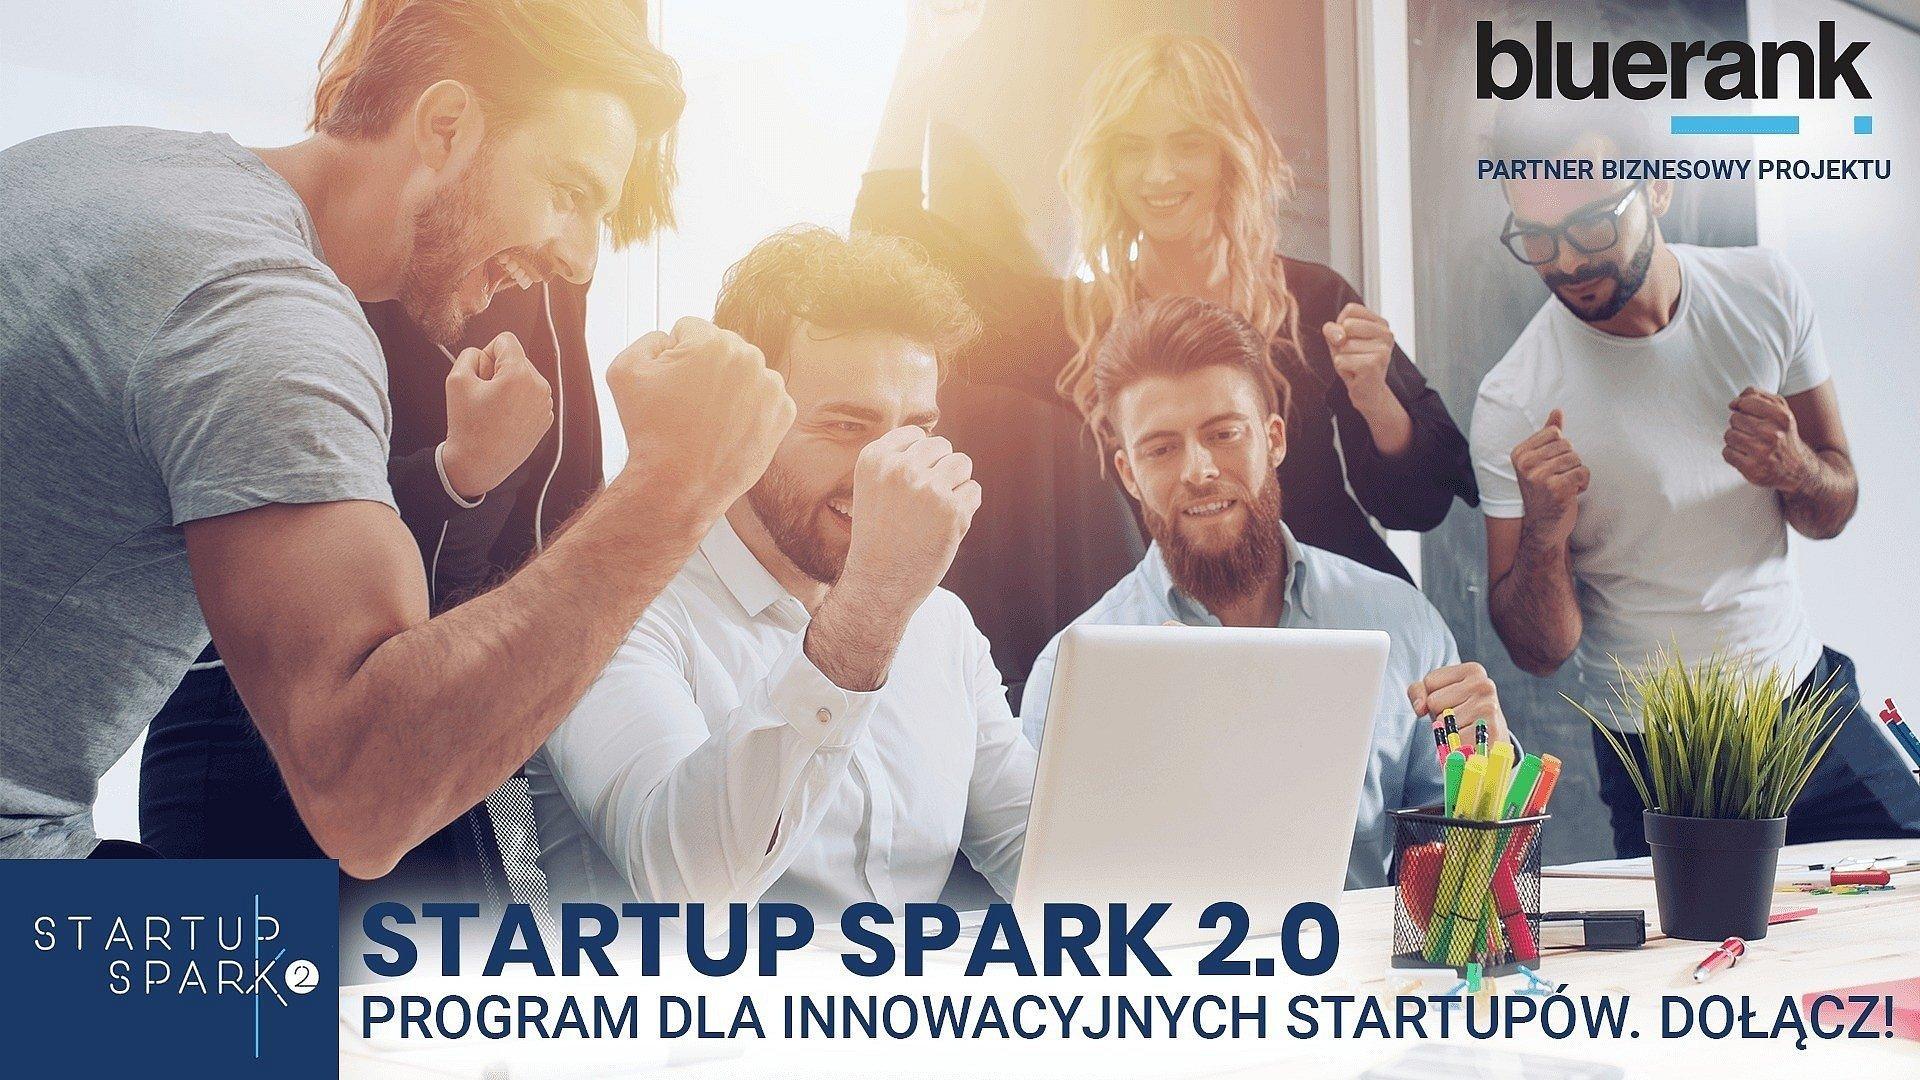 Projekt dla innowacyjnych Startupów. Dołącz!